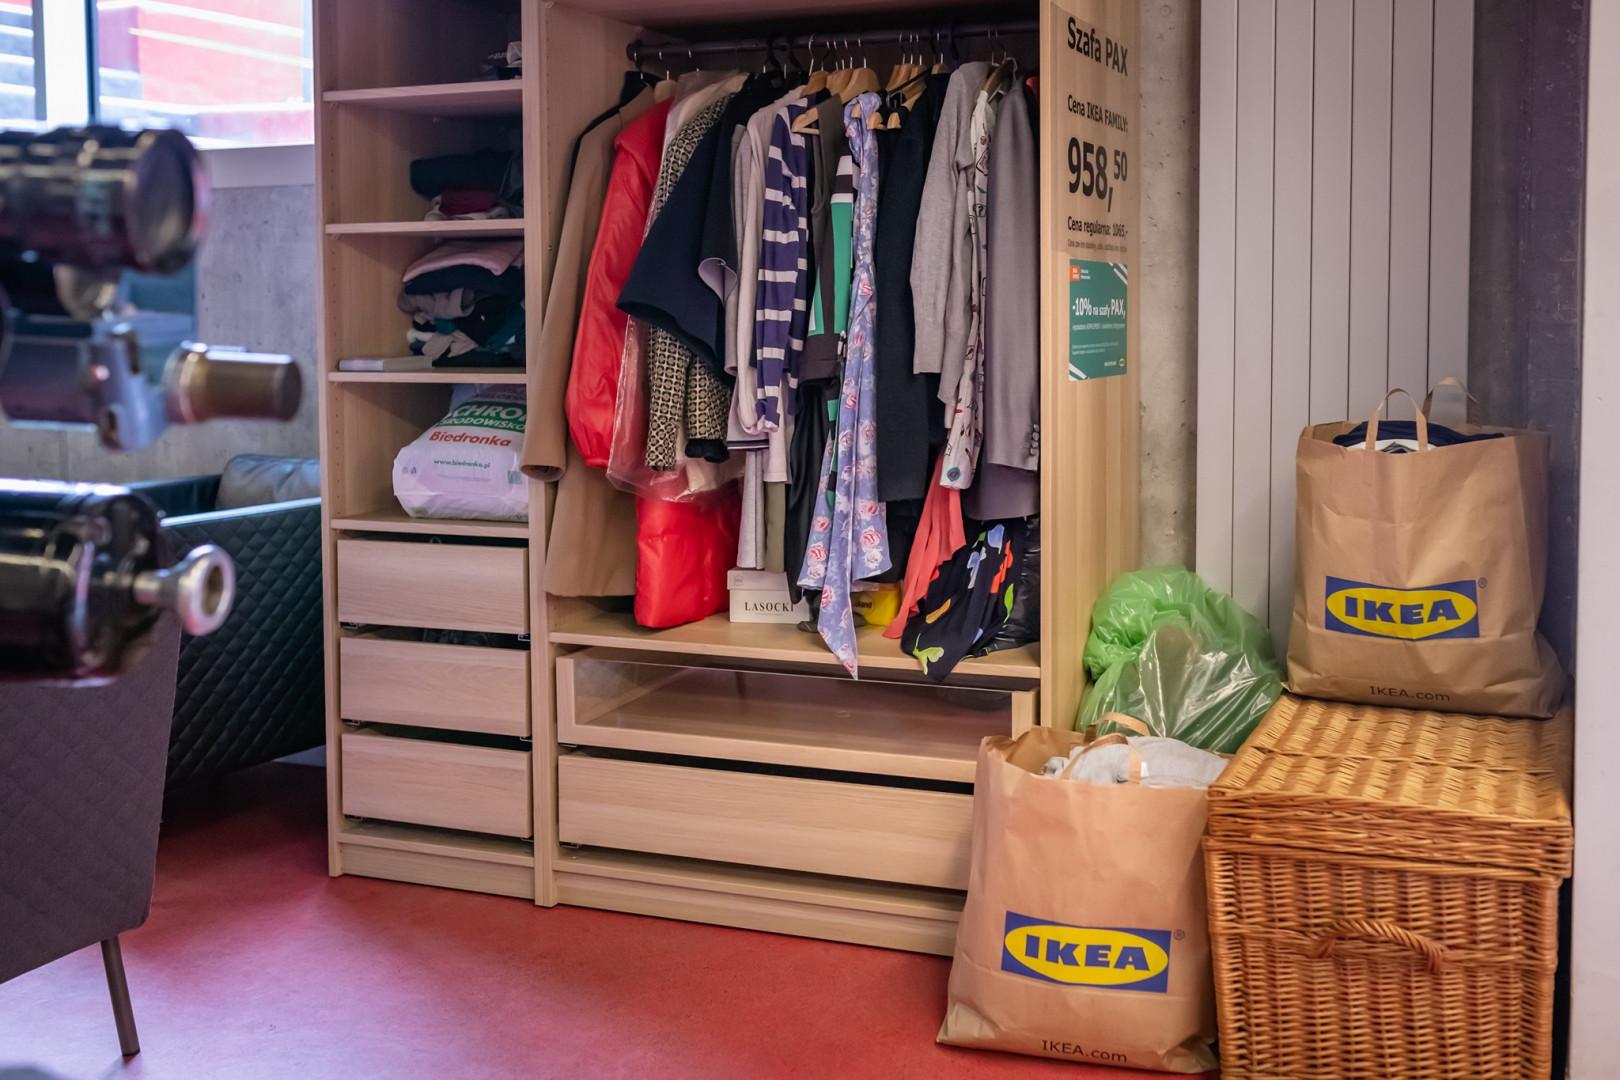 Fot. Tomek Kamiński/Mat. prasowe IKEA